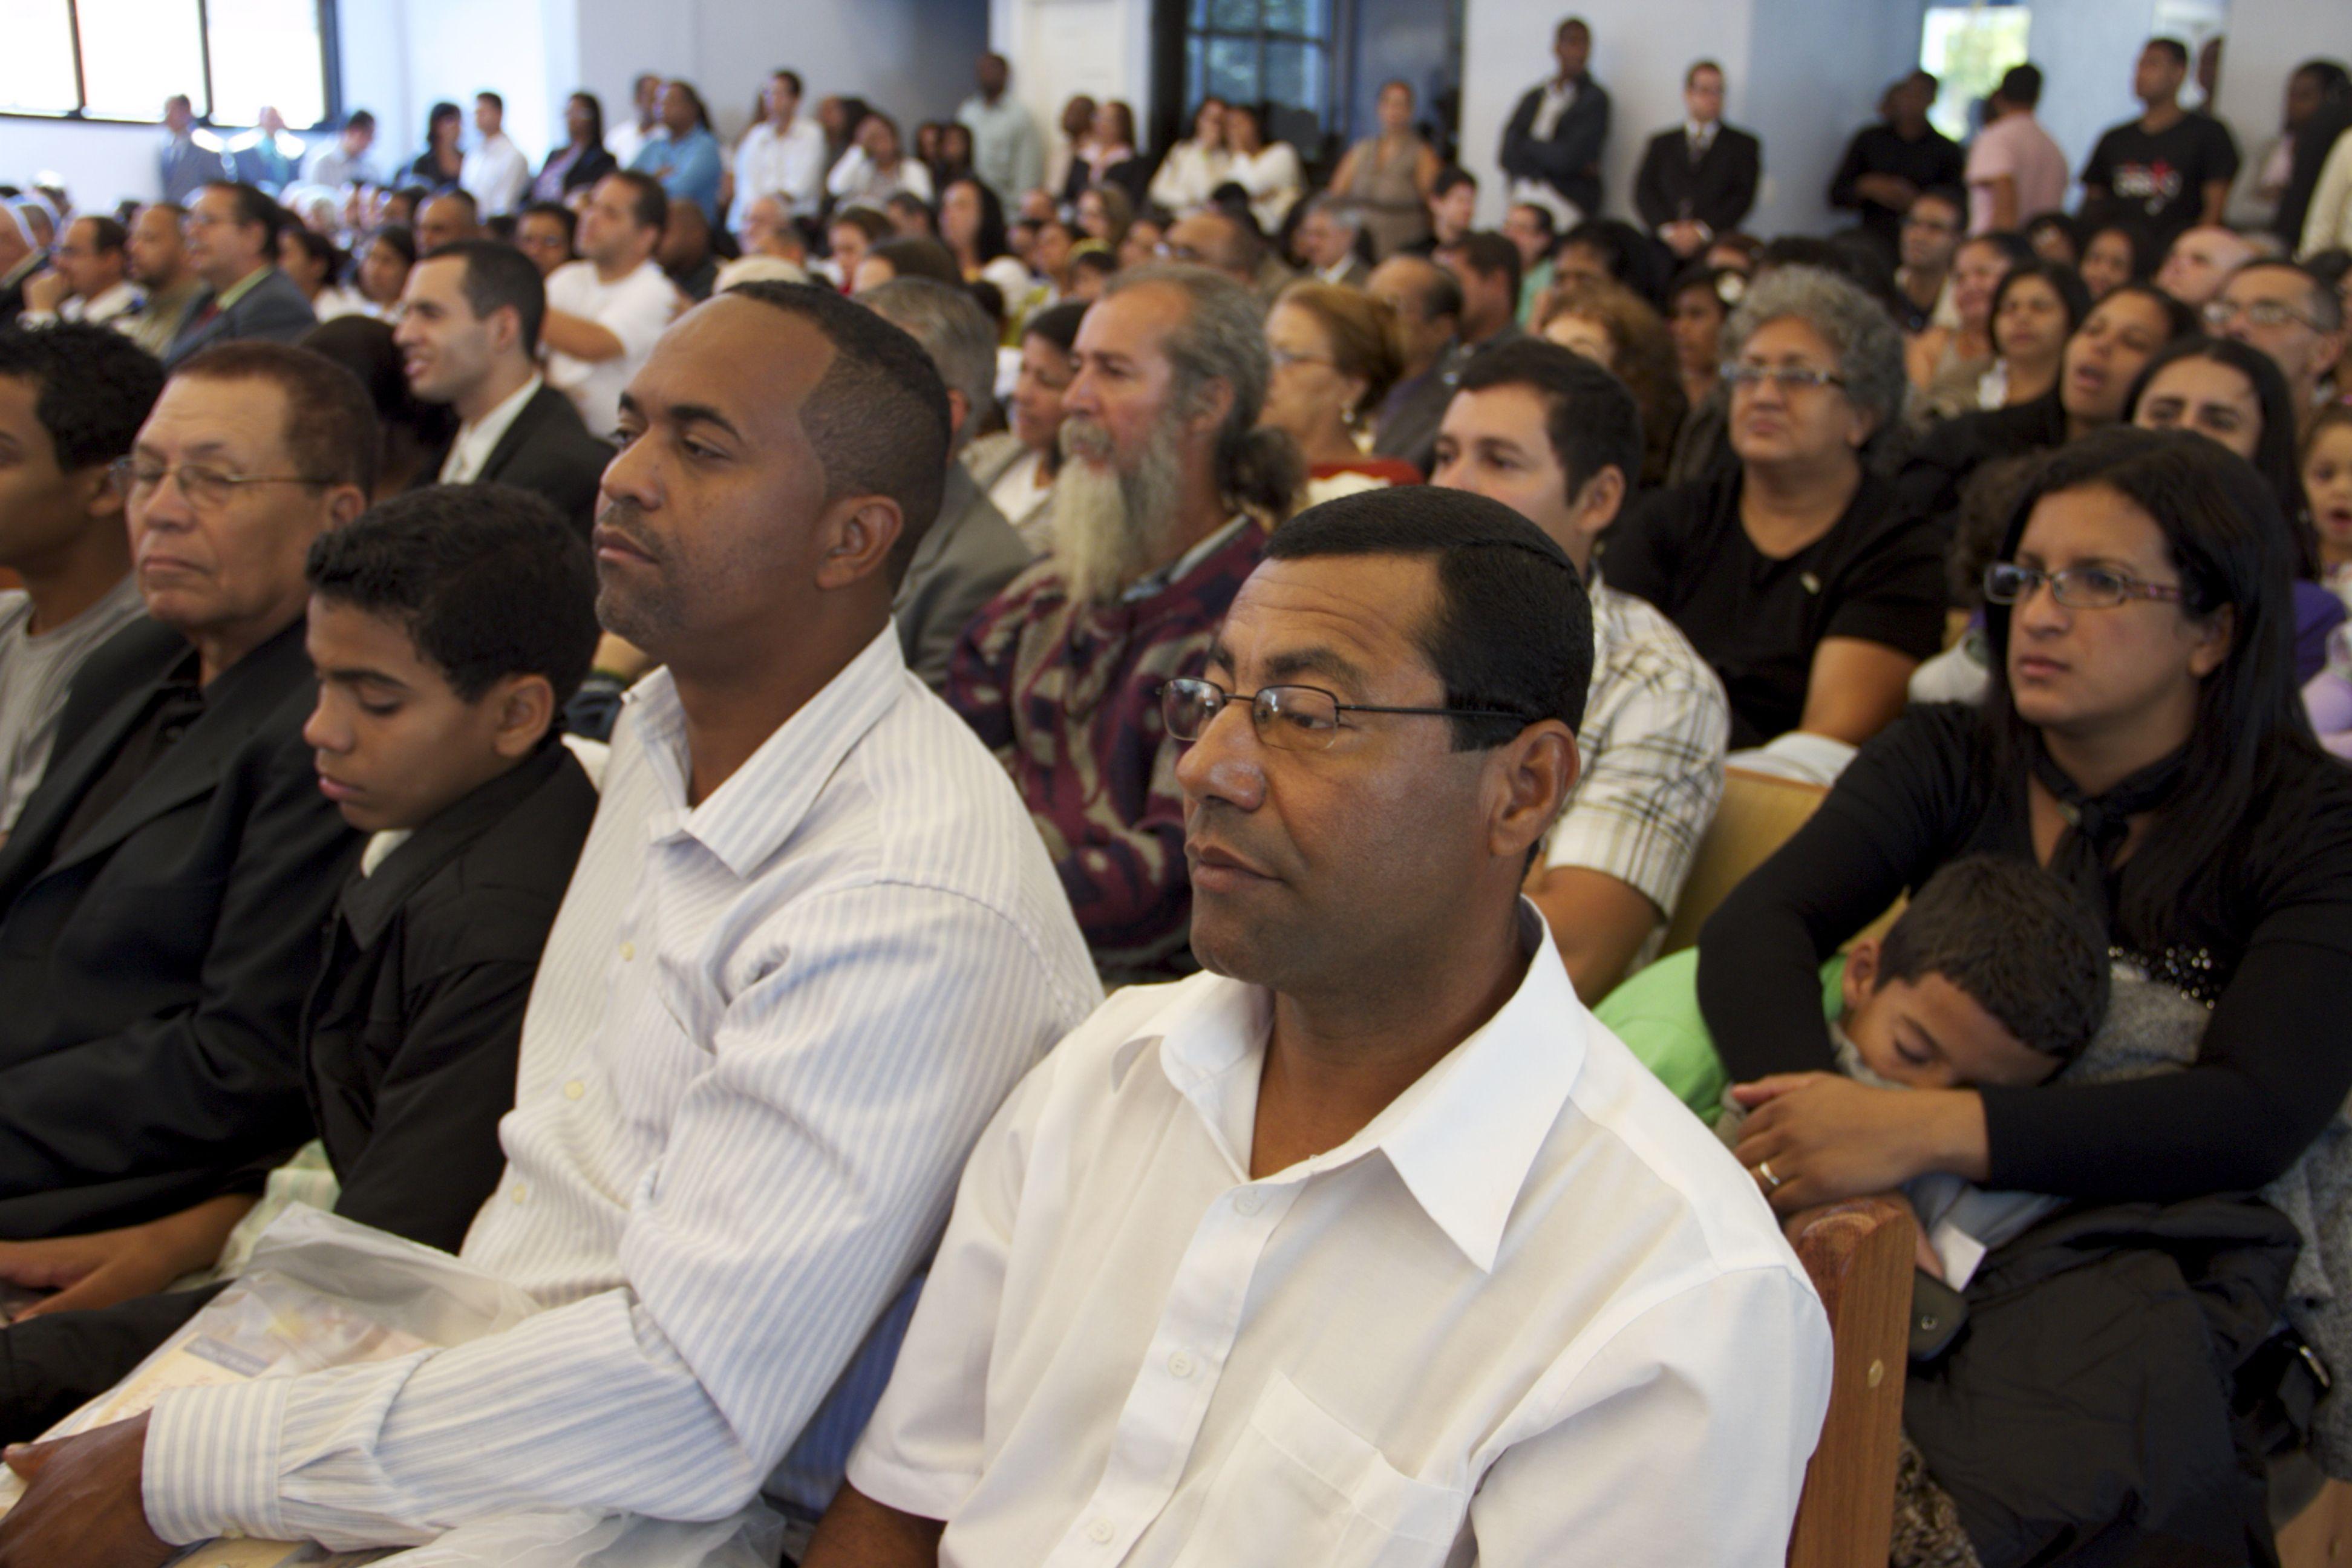 No evento houve, testemunhos, investiduras e decisões ao lado de Jesus.